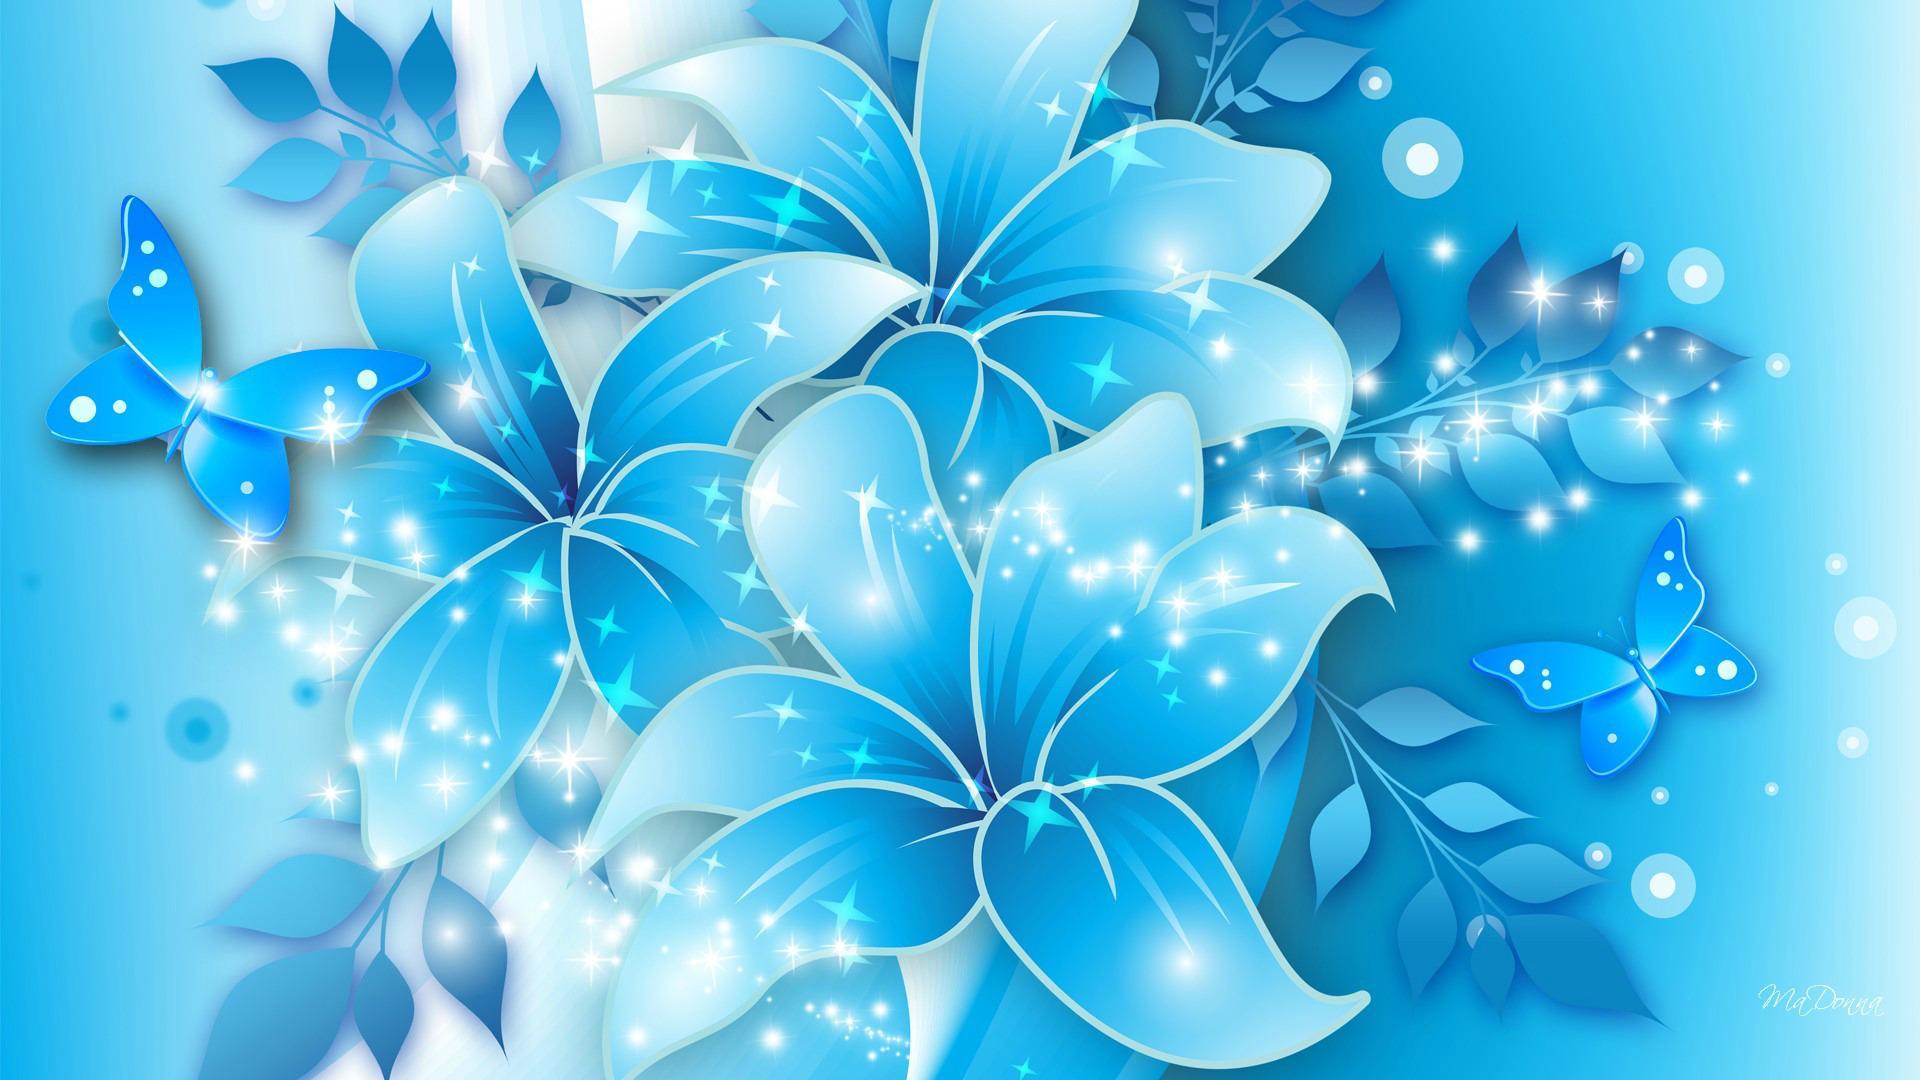 Blue Flower Wallpaper High Resolution 3d Flowers Background Hd